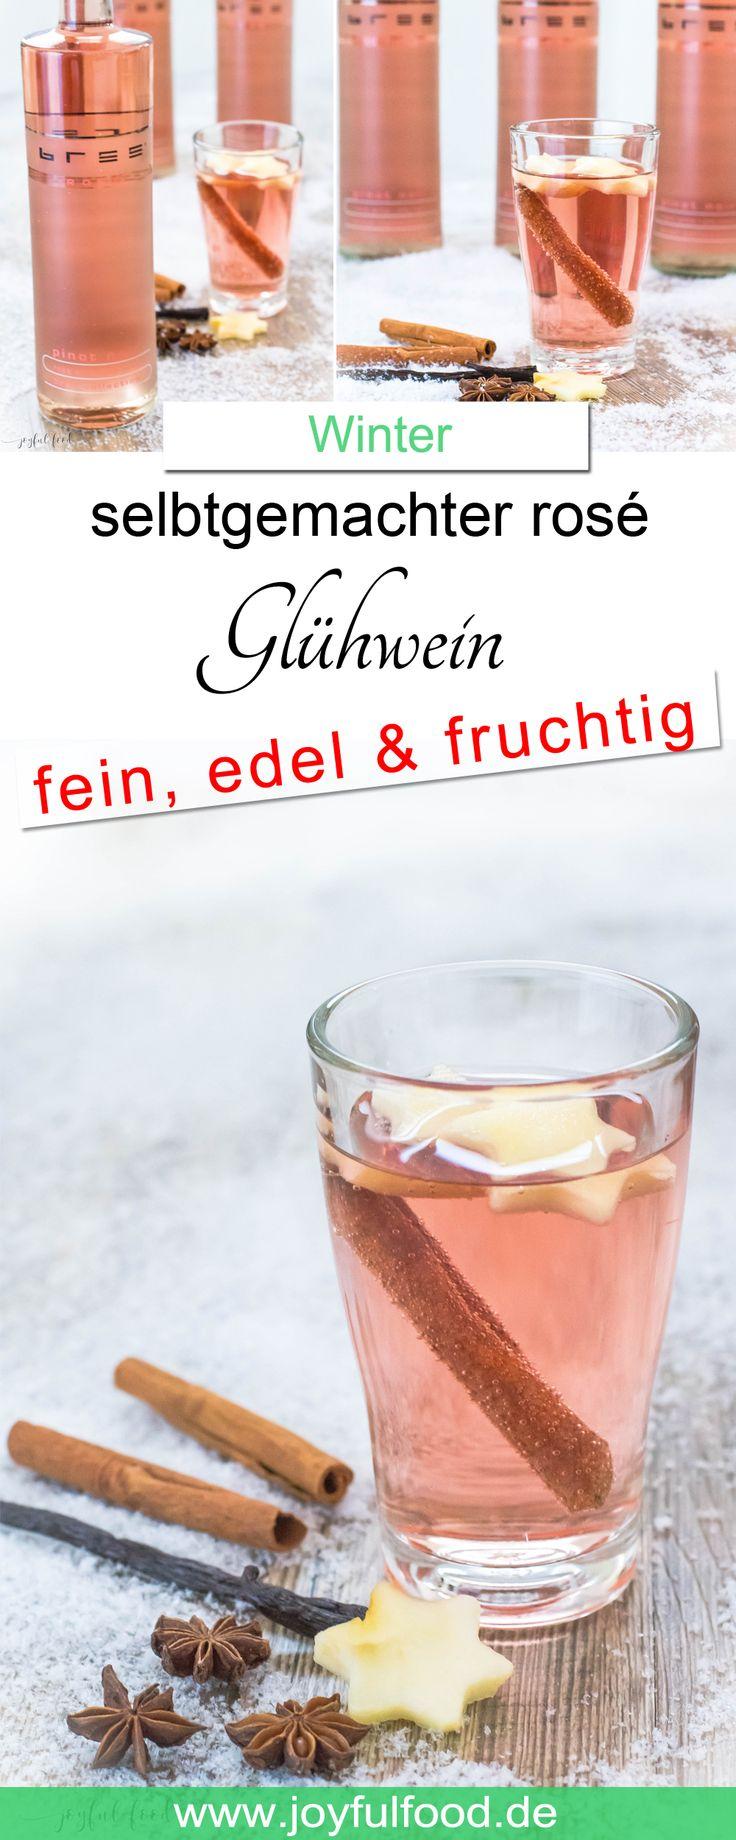 Rezept für Selbstgemachten rosé Glühwein. Ein edler, feiner und fruchtiger Genuss passend zur Weihnachtszeit und im Winter. #glühwein #glühweinrezept #weihnachtszeit #advent #weihnachten #silvester #heiligabend #getränke #heißegetränke #gemütlich #Wein #rose #Weihnachtsmarkt #rezept